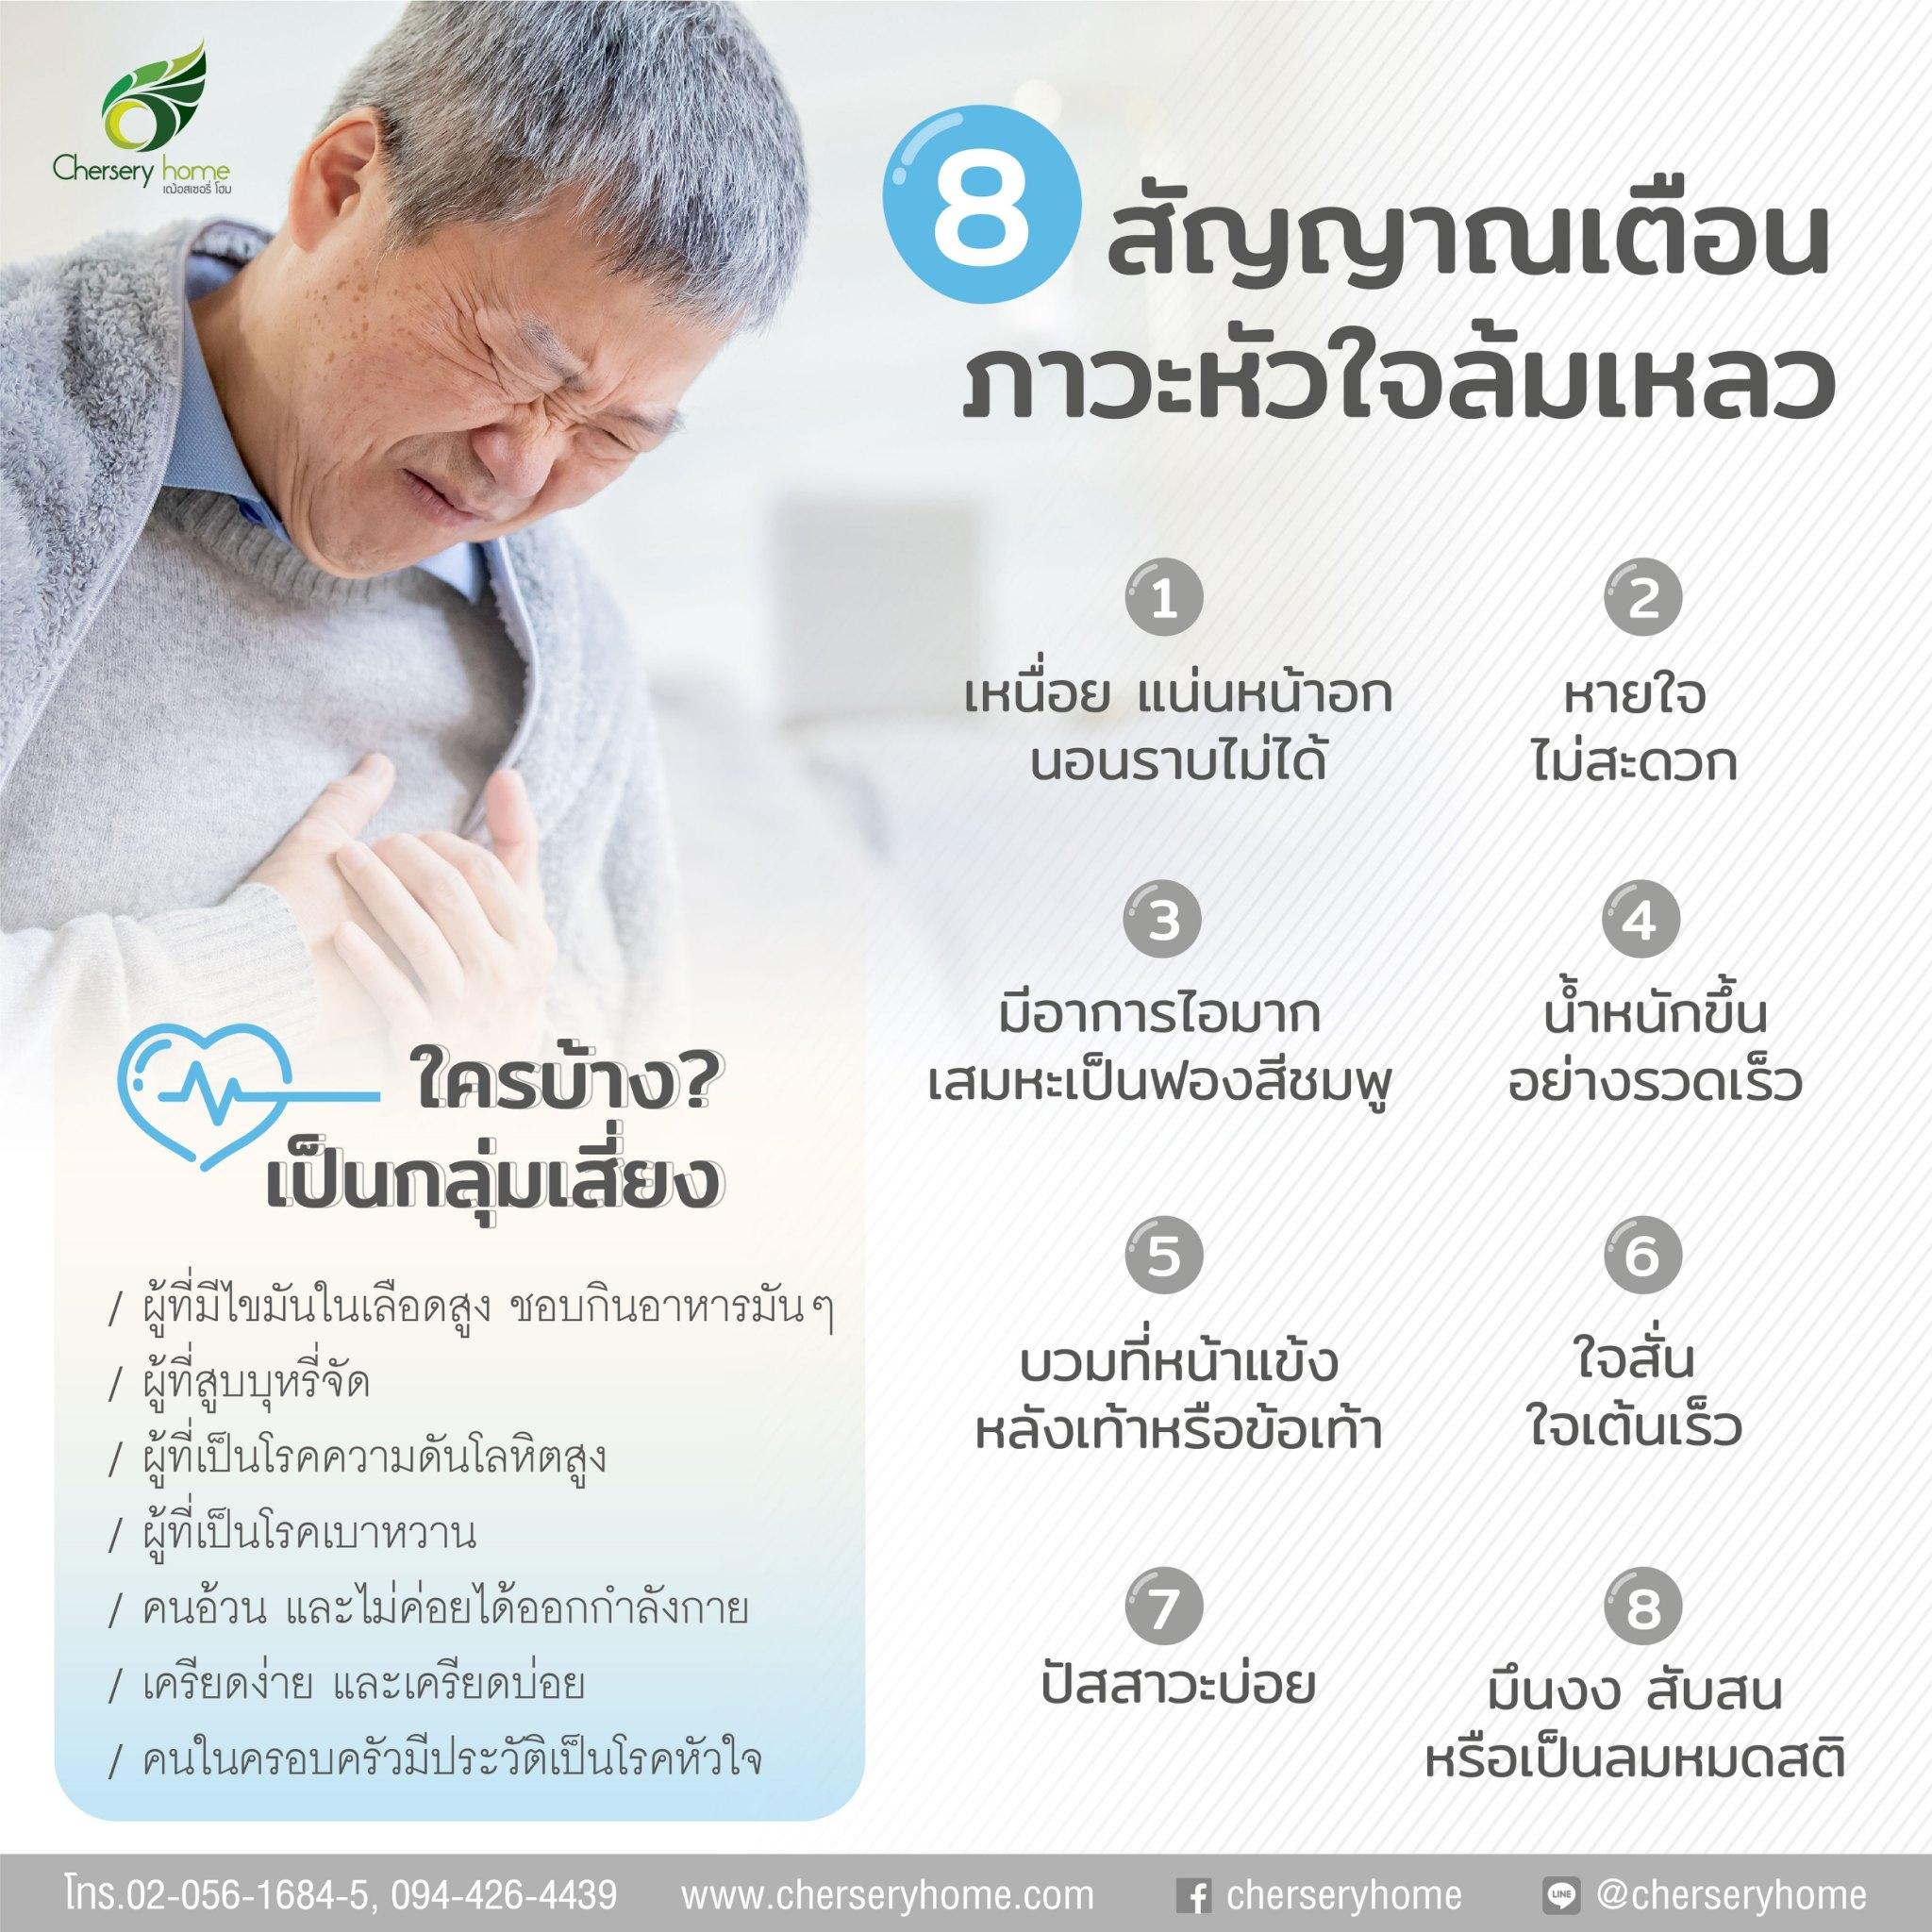 8 สัญญาณเตือน... อาการโรคหัวใจล้มเหลว